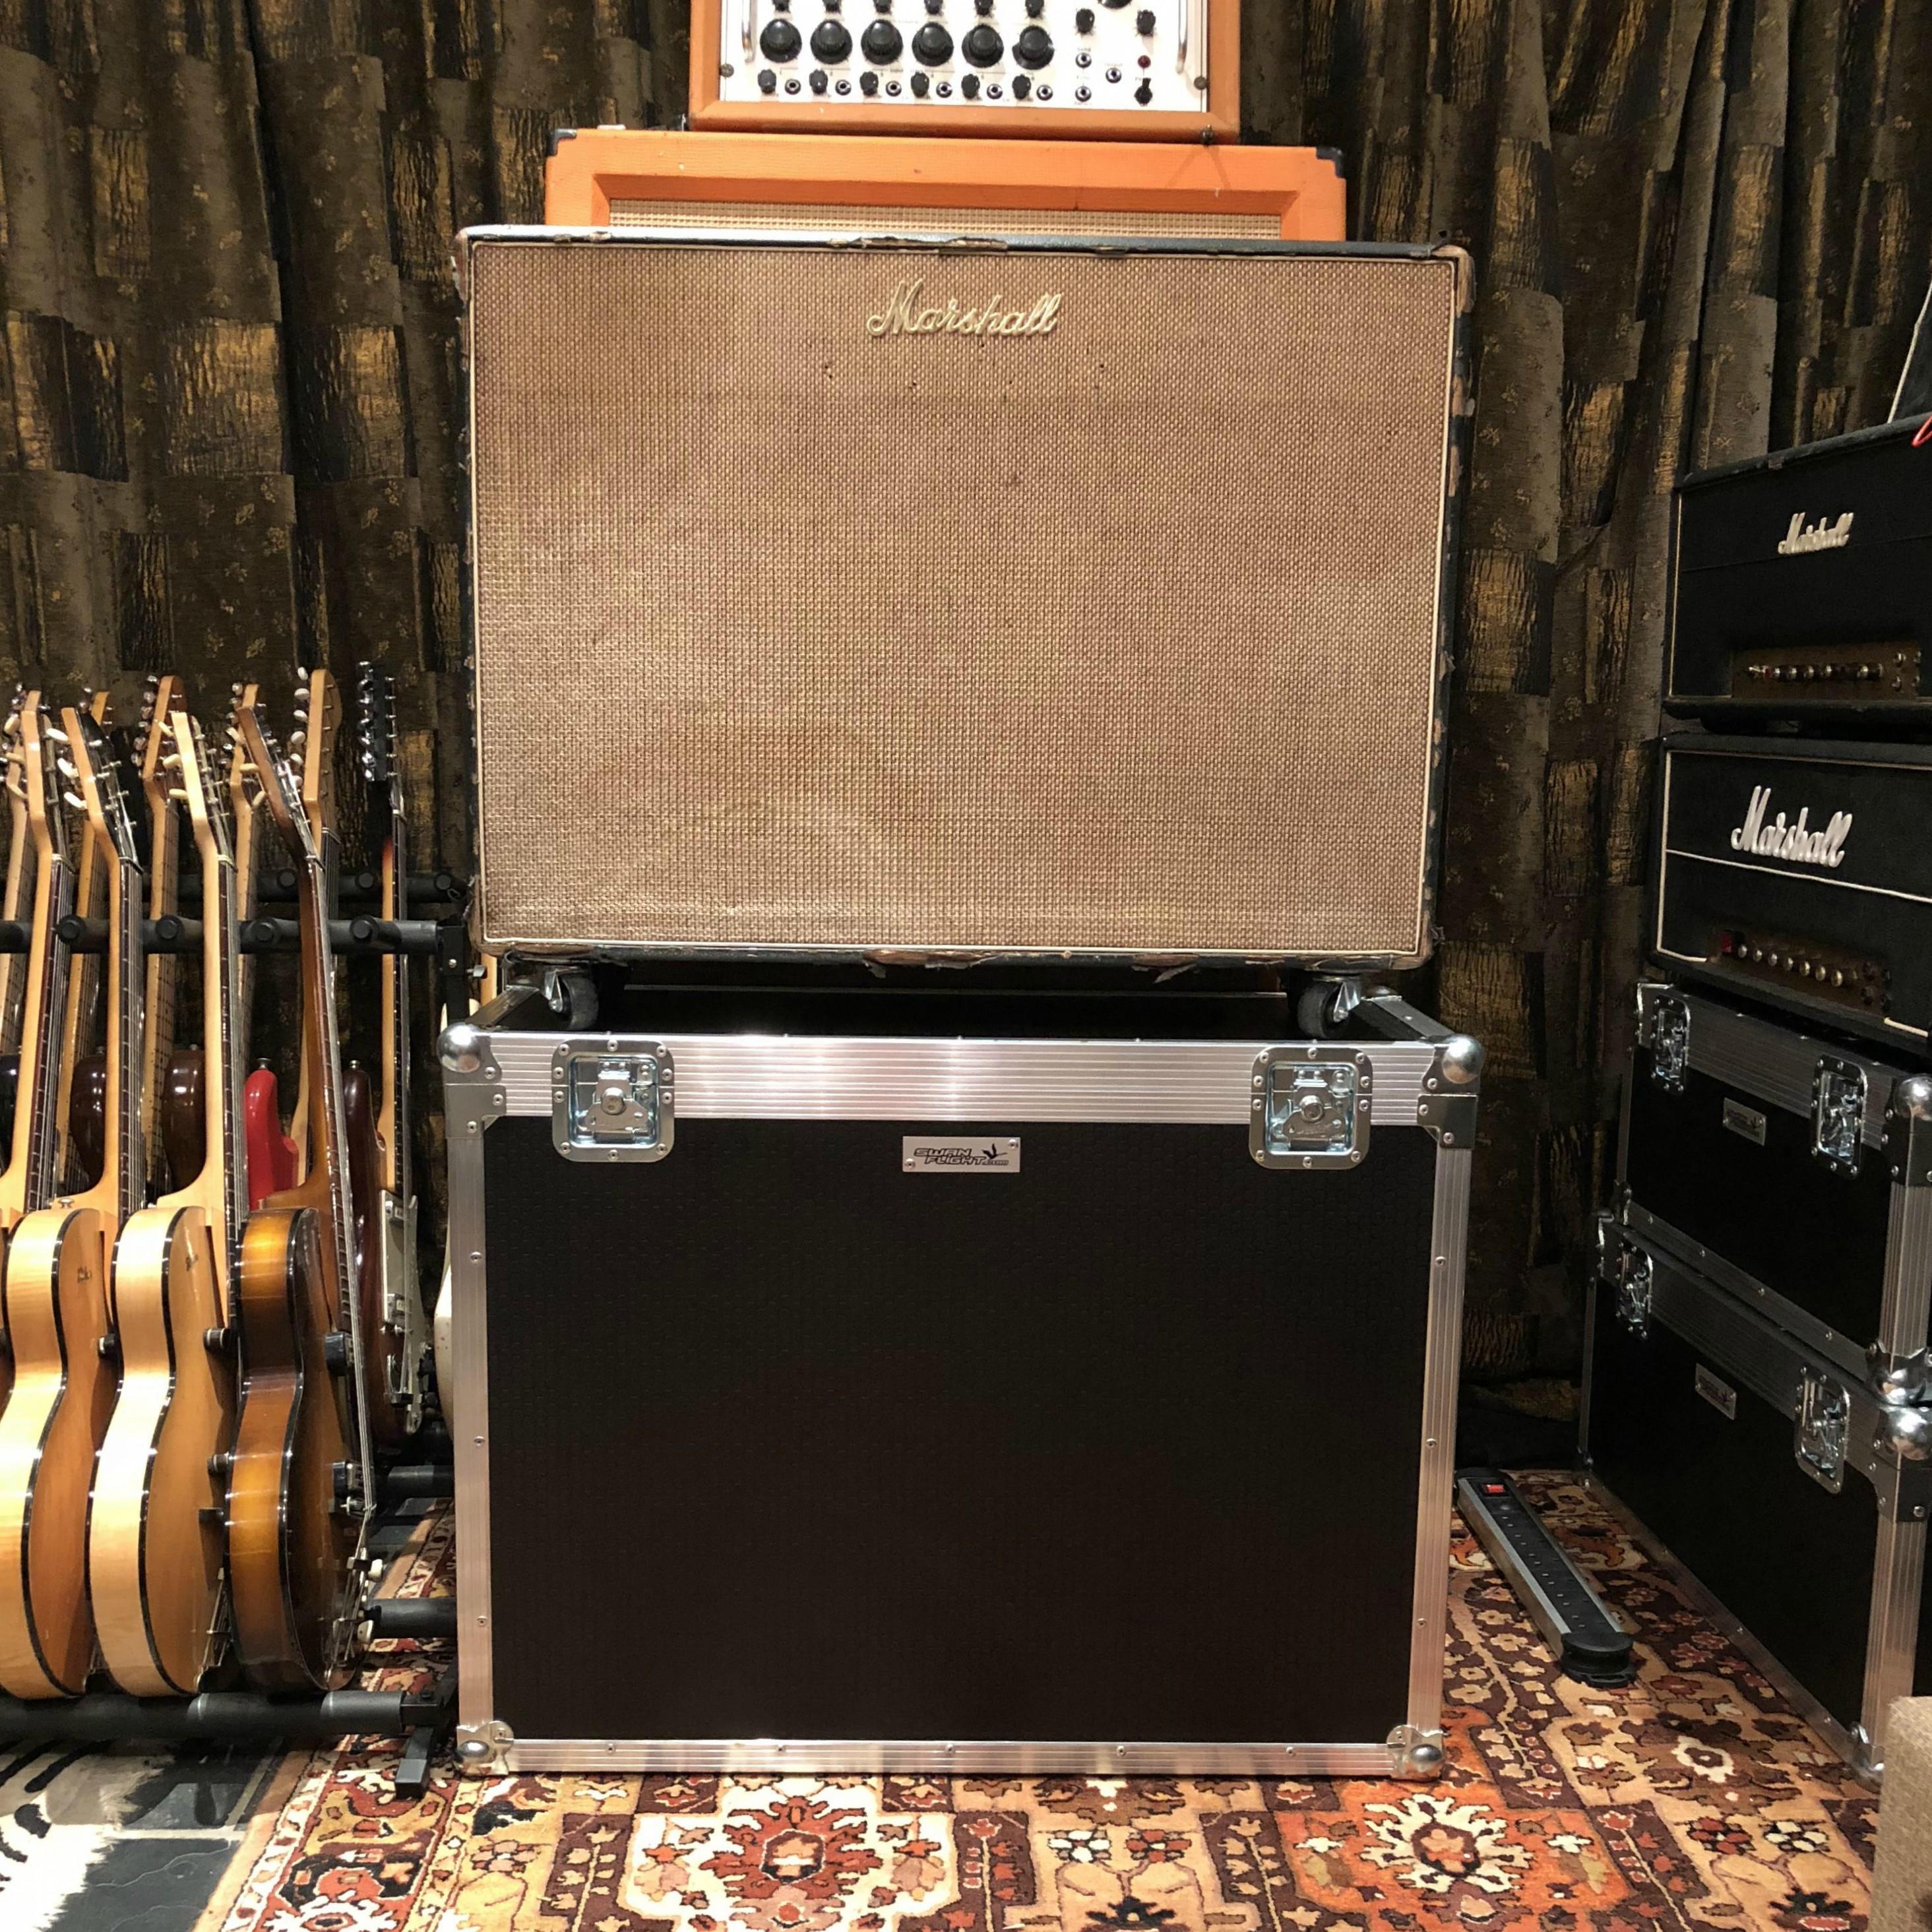 Vintage 1969 Marshall Bluesbreaker 50w Tremolo Model 1962 Guitar Amplifier